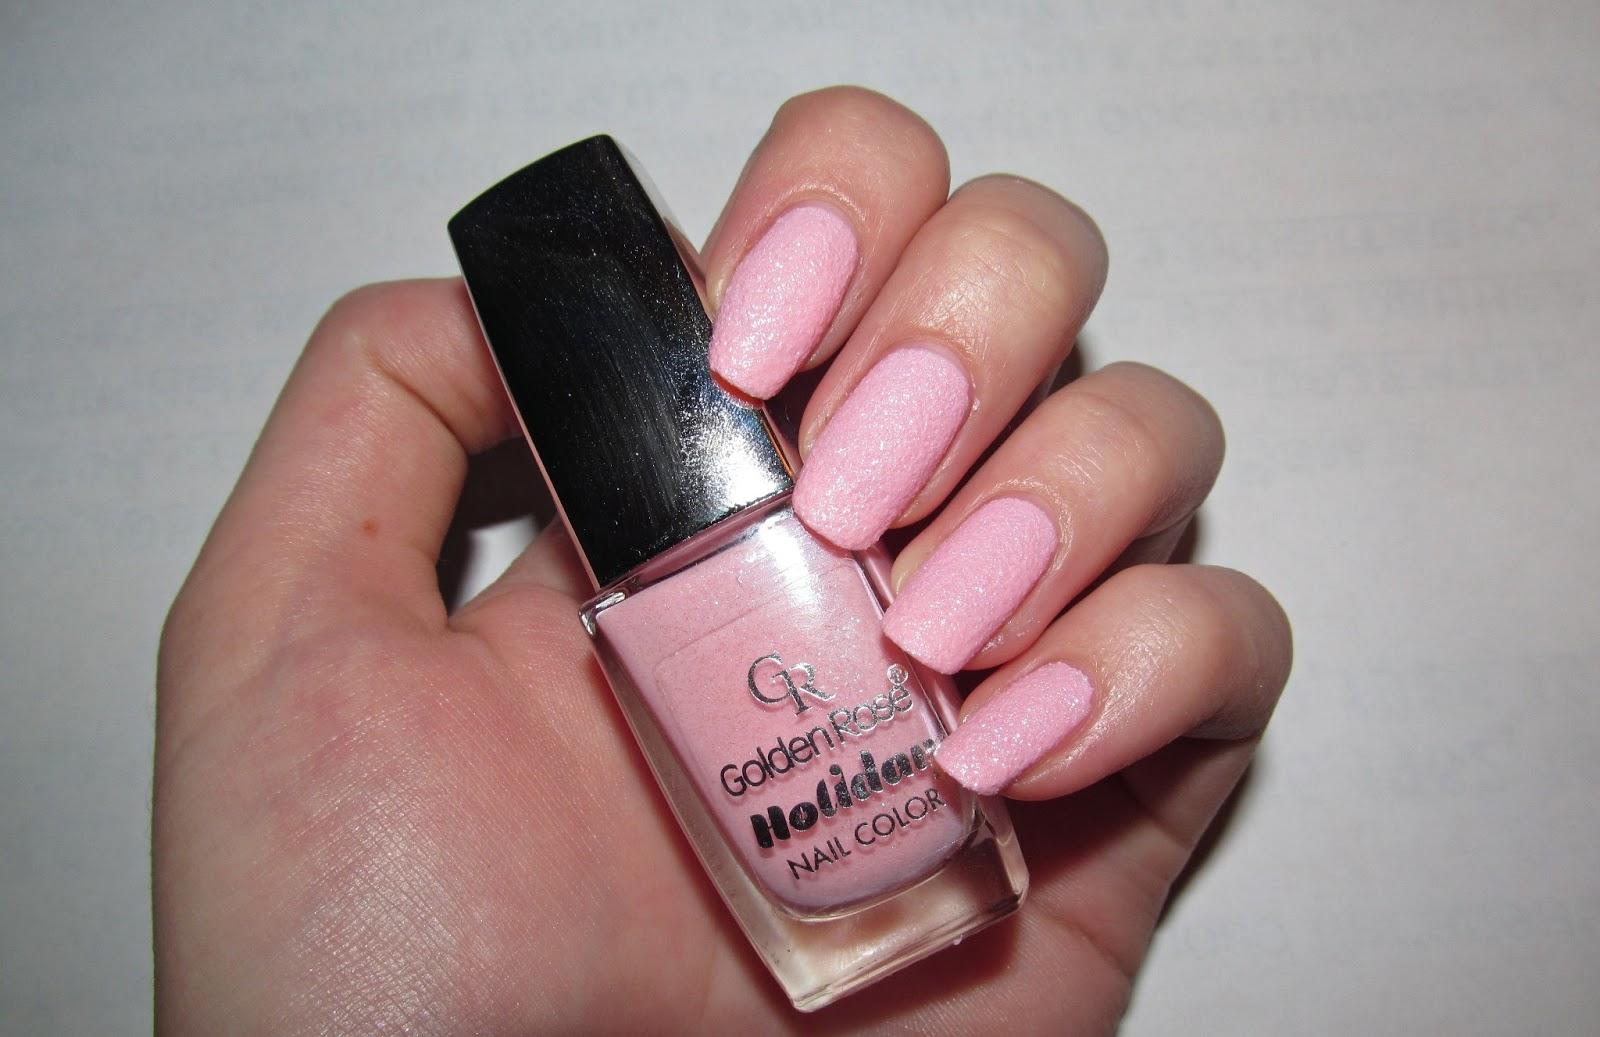 Лак для ногтей холи розе